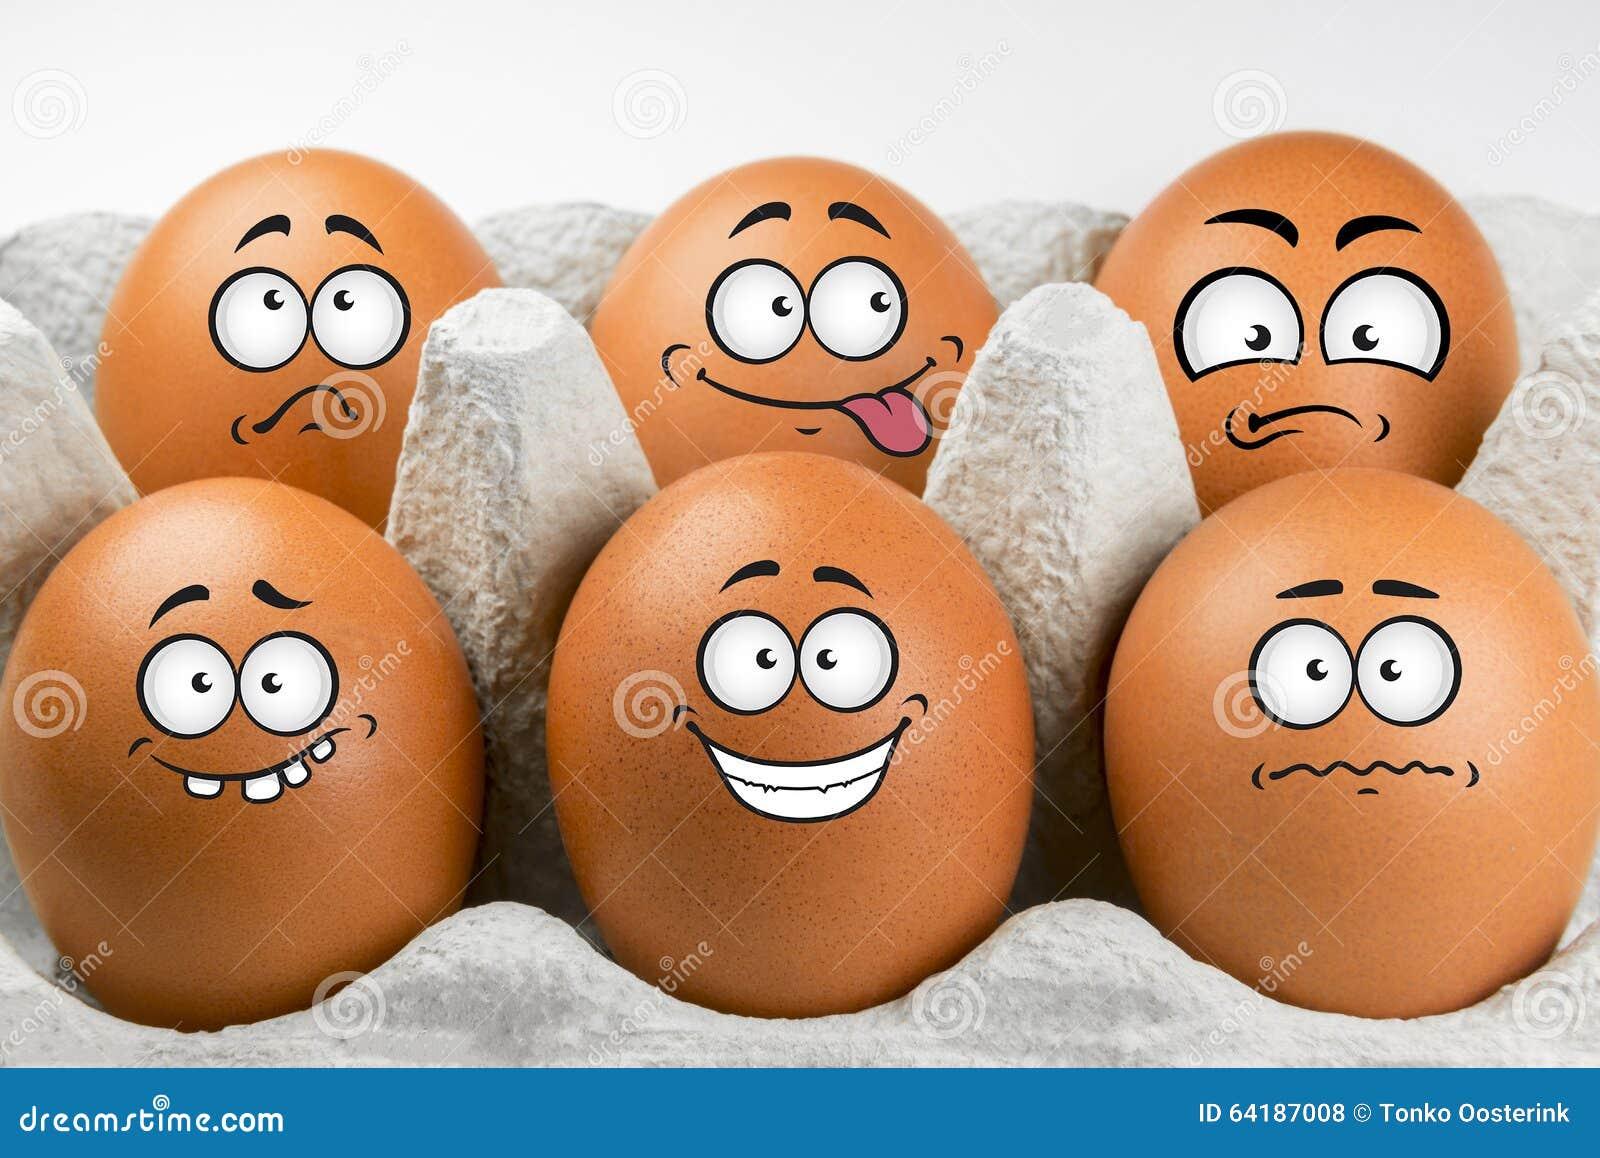 Ovos com caras e expressões